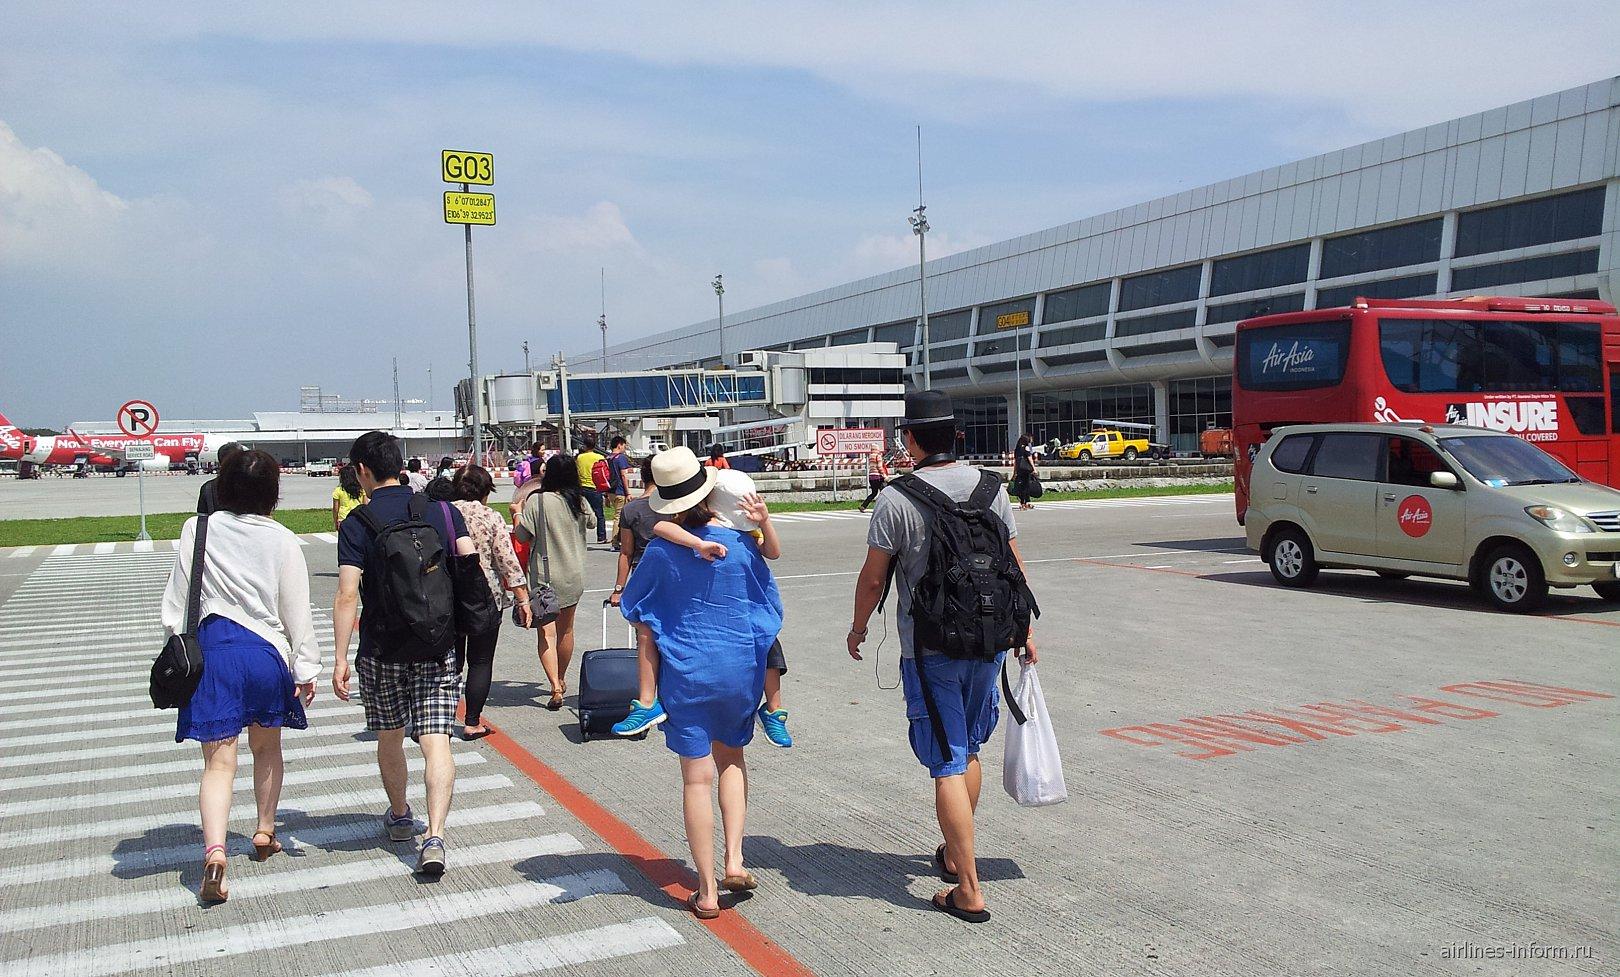 Бюджетный терминал в аэропорту Джакарты